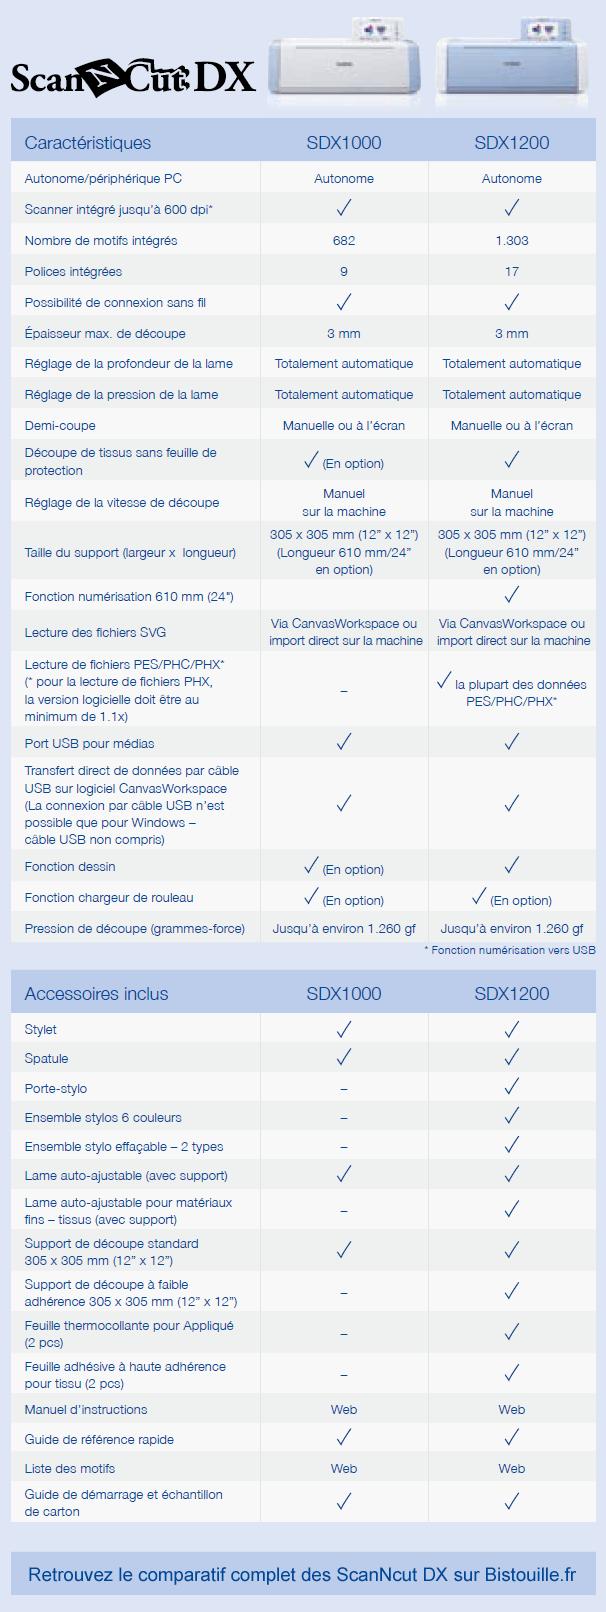 comparatif scanncut sdx1000 sdx1200 différences